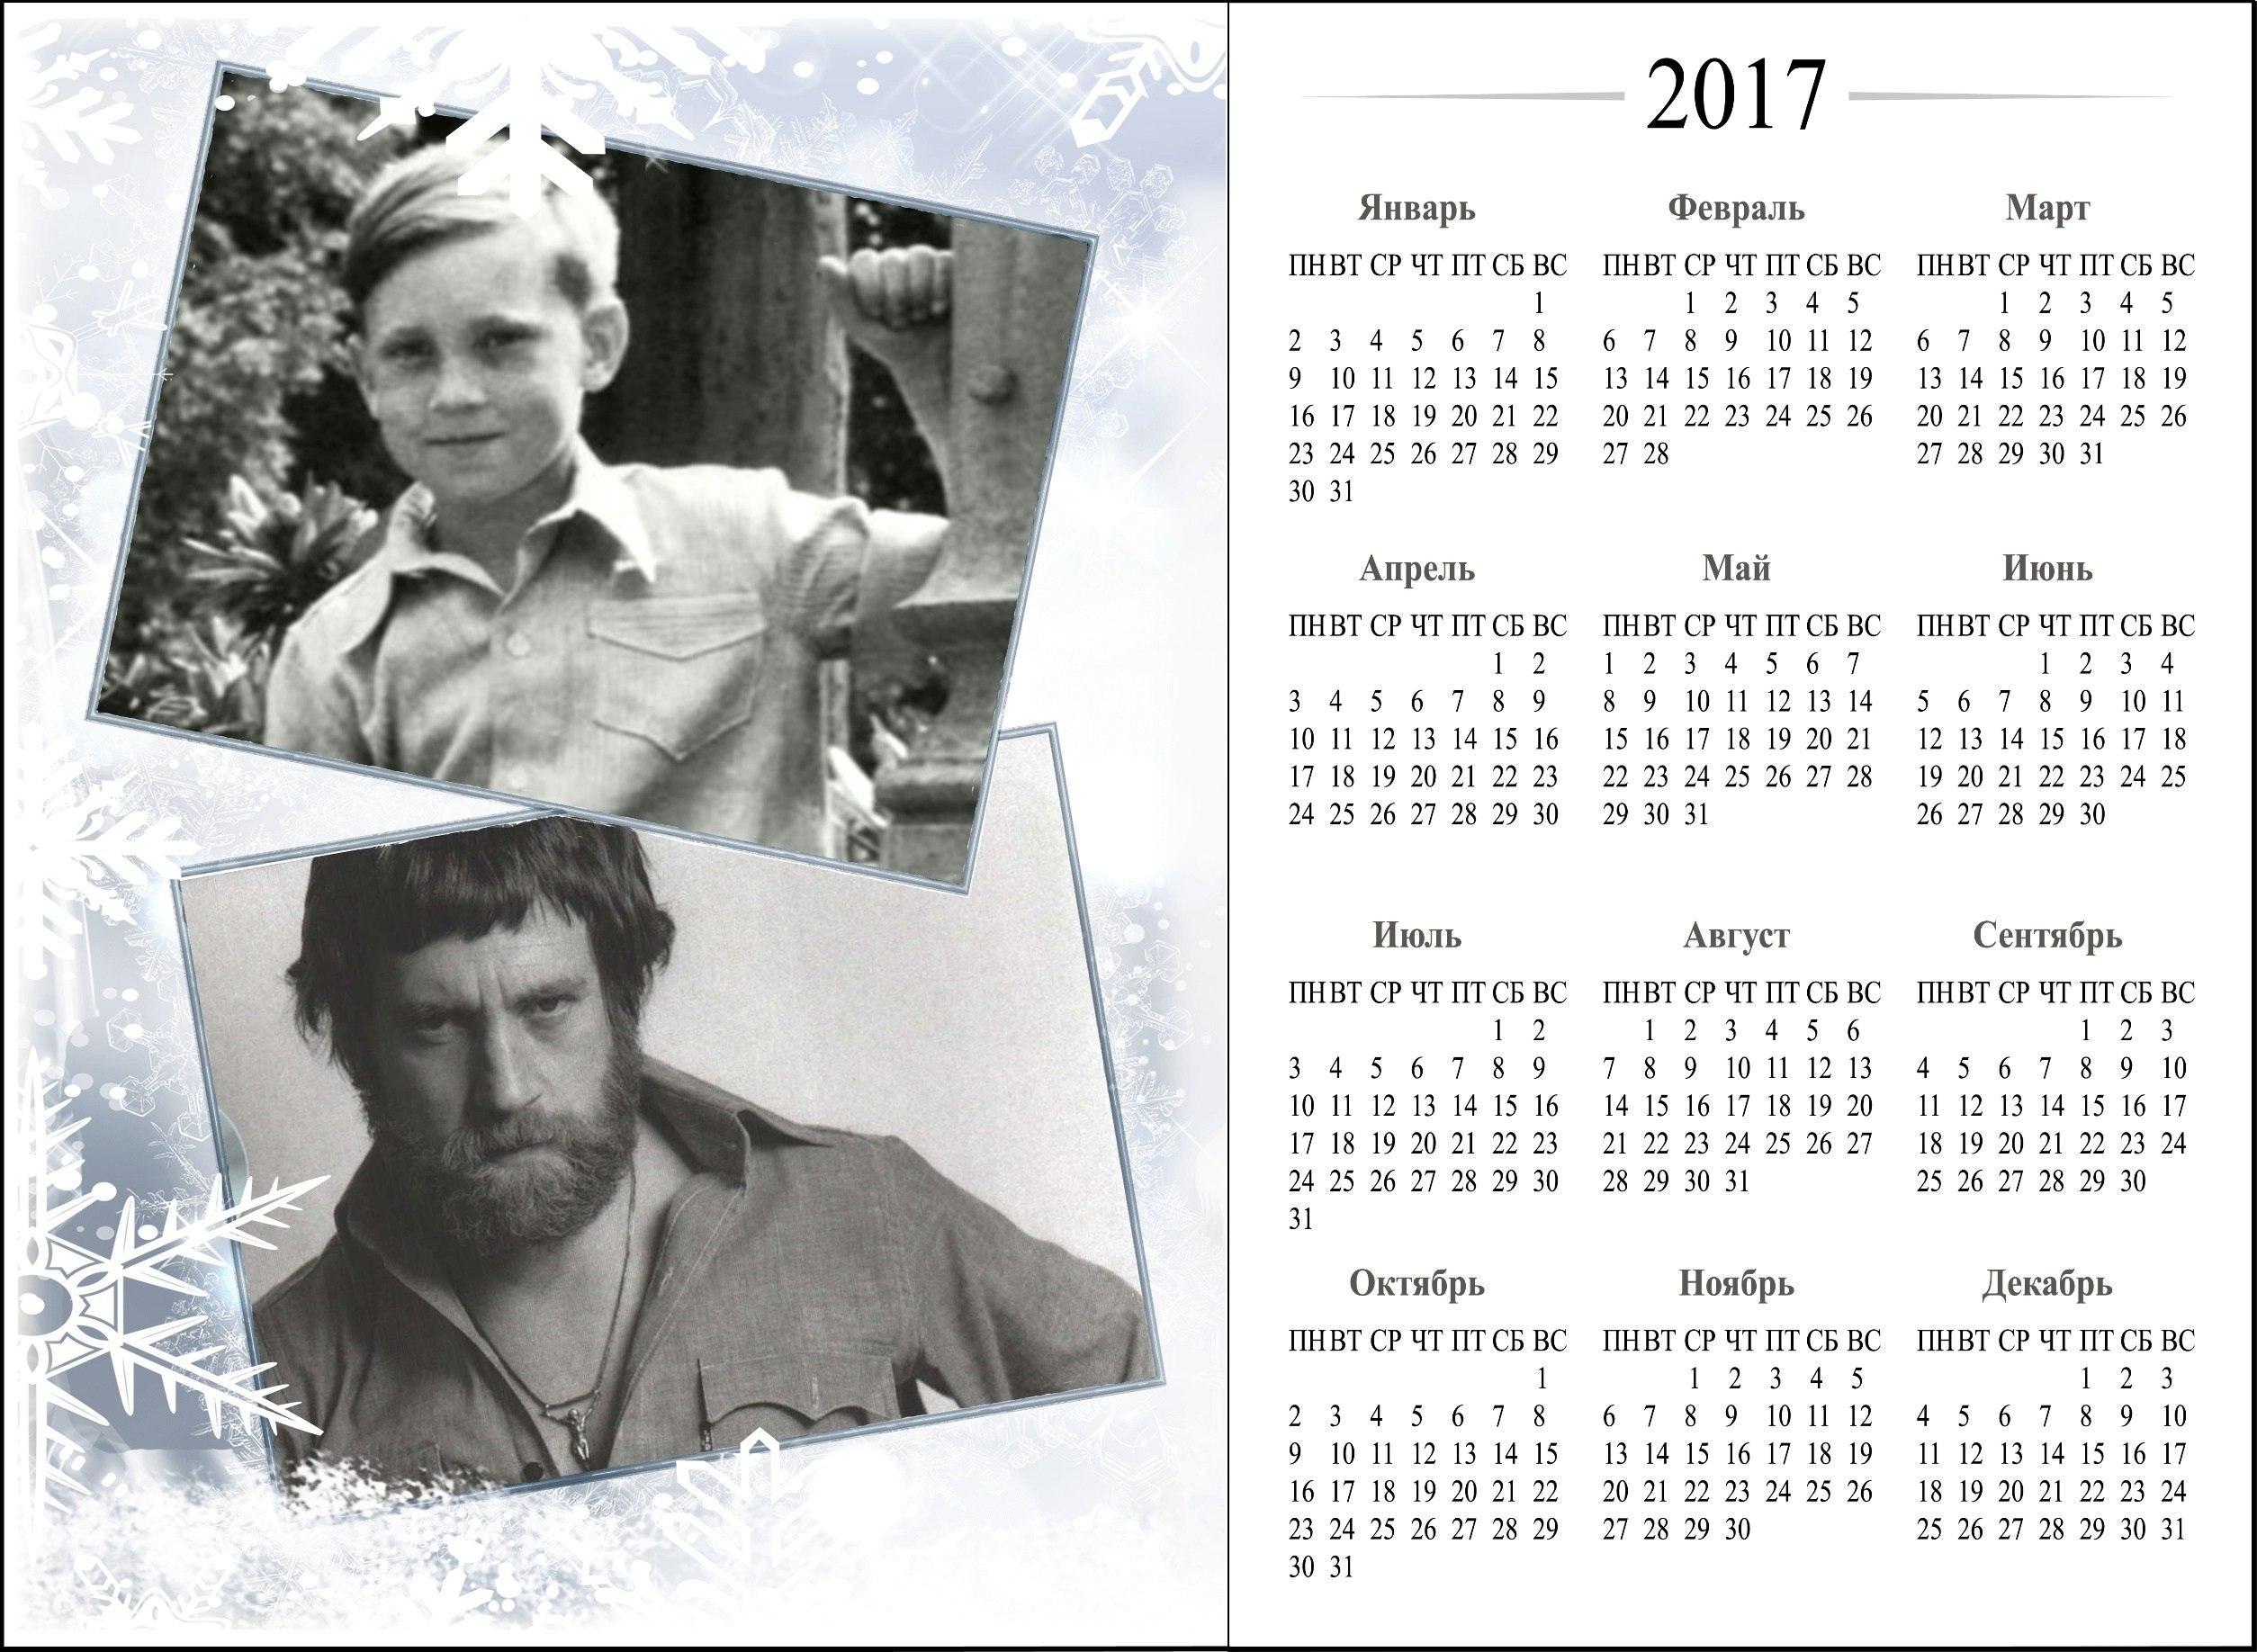 Календарь 2017 Высоцкий - С Новым годом